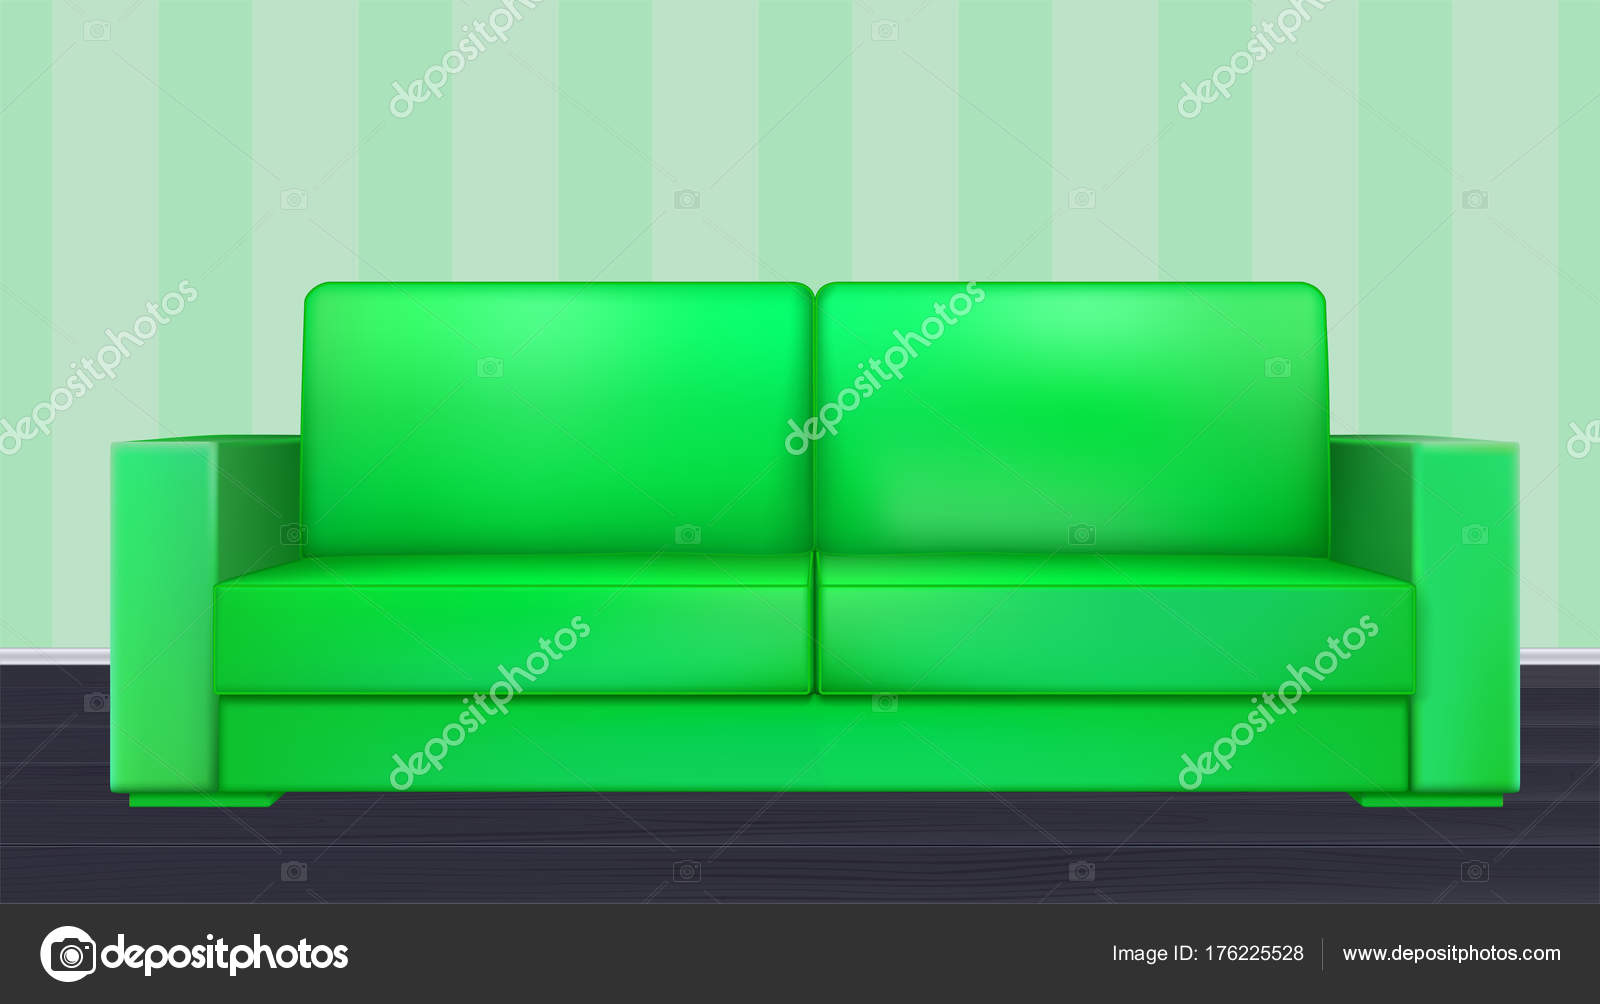 Grüne Modernen Luxus Sofa Für Wohnzimmer, Rezeption Oder In Der Lounge.  Realistische Ikone Der Einzelobjekt Im Zimmer Im Hintergrund Der Tapete Mit  Streifen ...